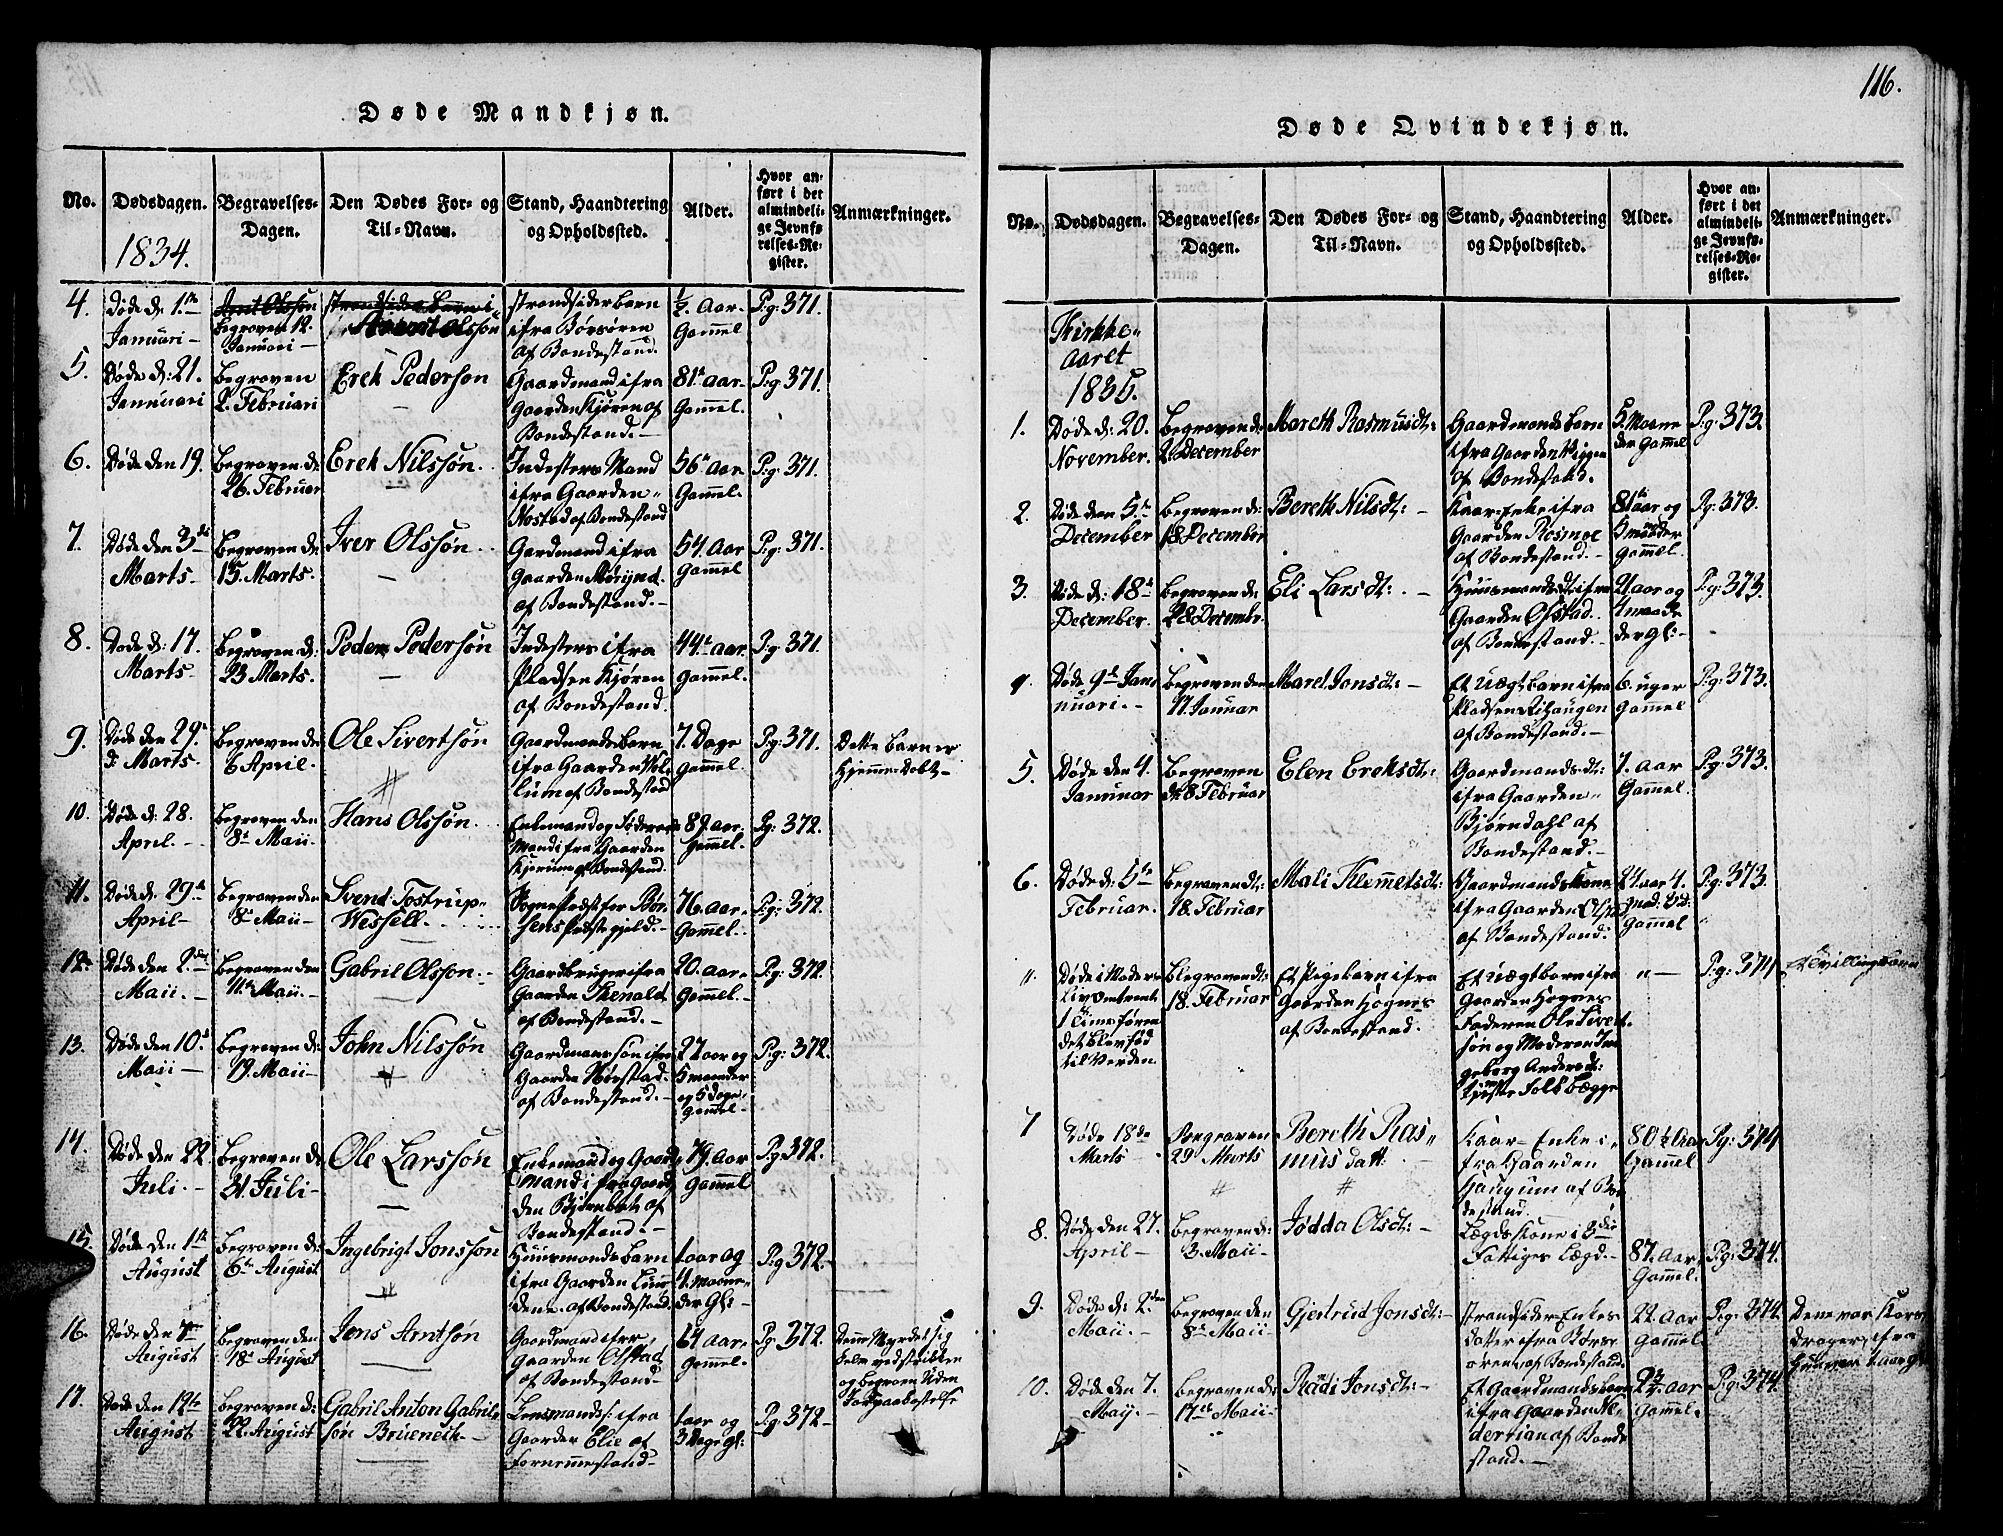 SAT, Ministerialprotokoller, klokkerbøker og fødselsregistre - Sør-Trøndelag, 665/L0776: Klokkerbok nr. 665C01, 1817-1837, s. 116